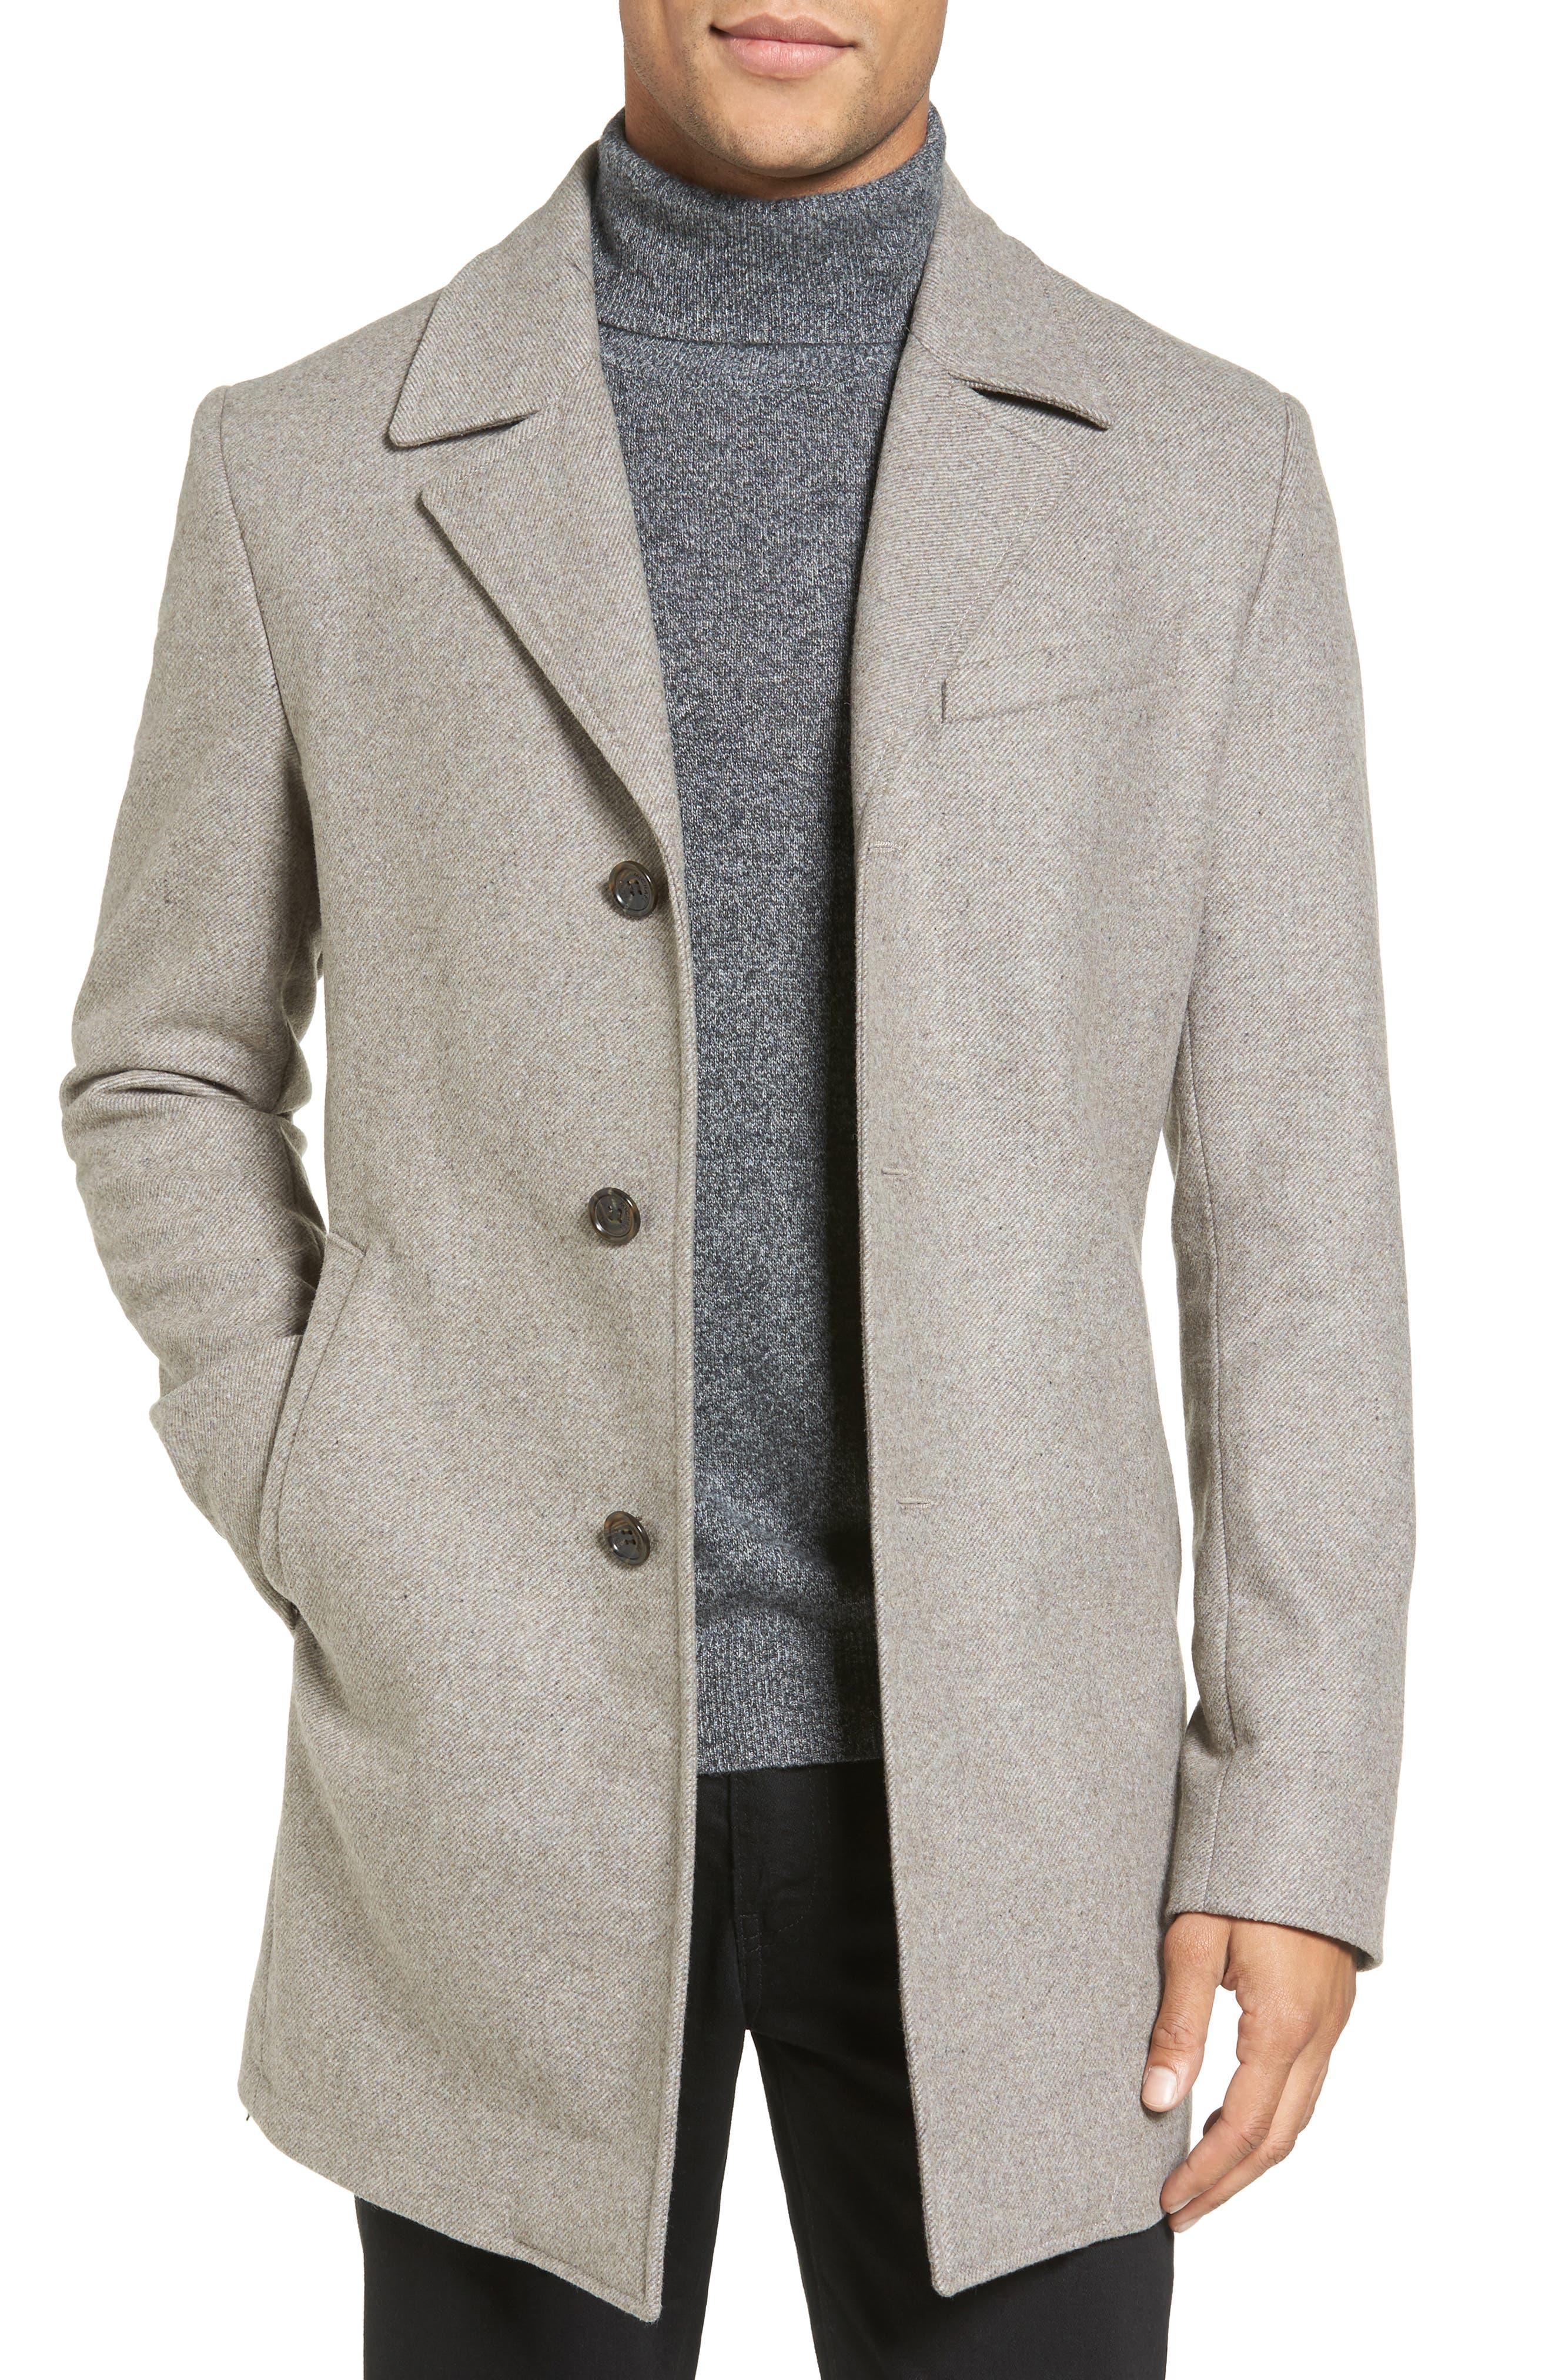 Main Image - Michael Kors Slim Fit Wool Blend Topcoat